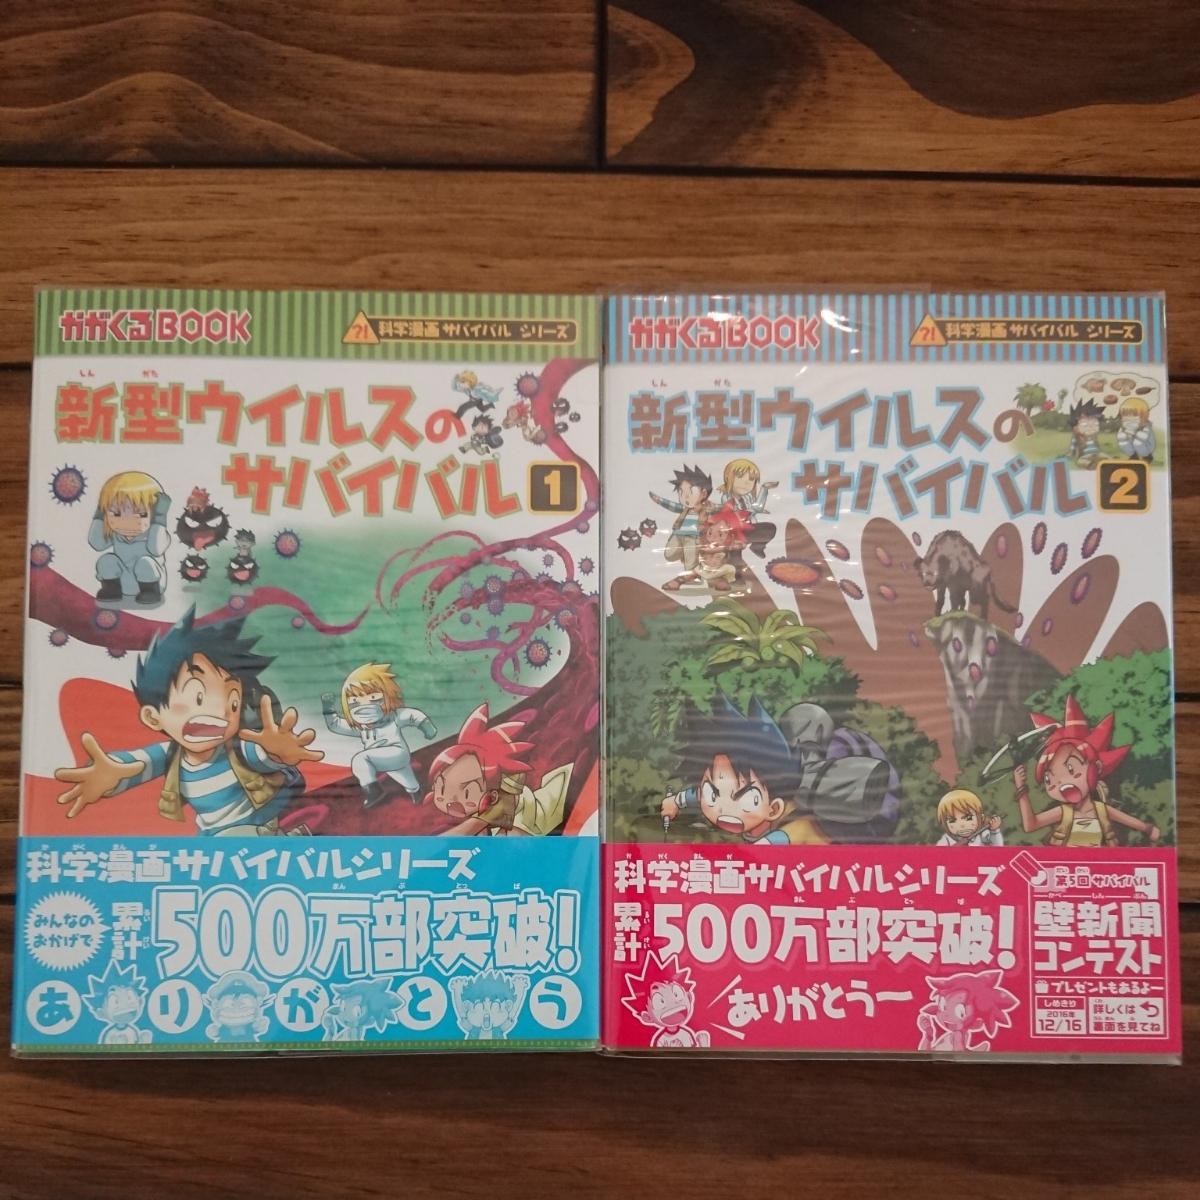 ★美品・送料込★新型ウイルスのサバイバル1と2セット(かがくるBOOK 科学漫画サバイバルシリーズ)